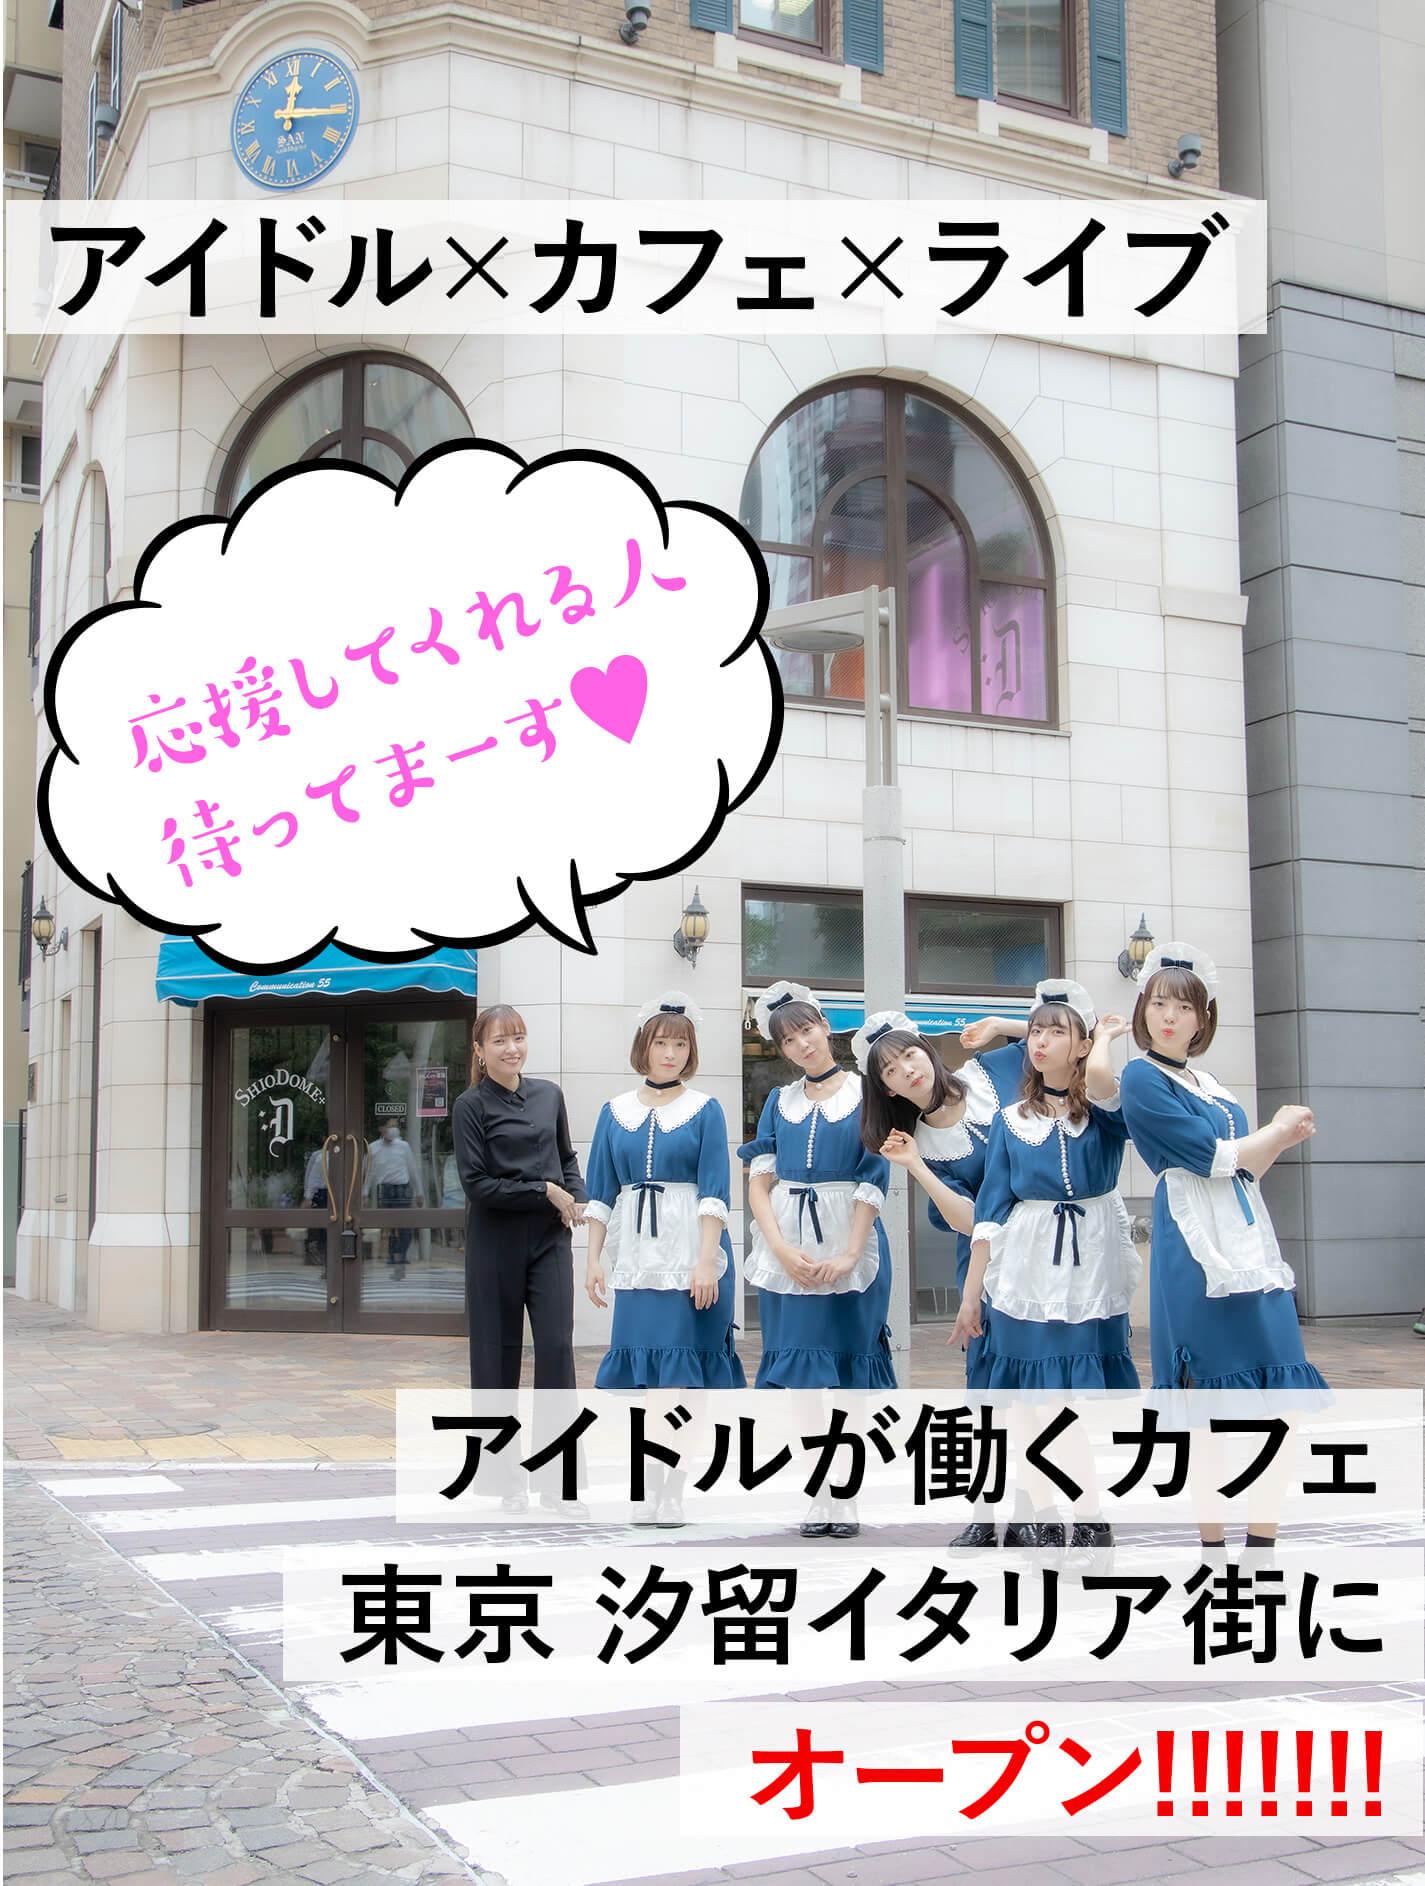 アイドル×カフェ×ライブ、アイドルが働くカフェが東京汐留にあるイタリア街にオープン!!